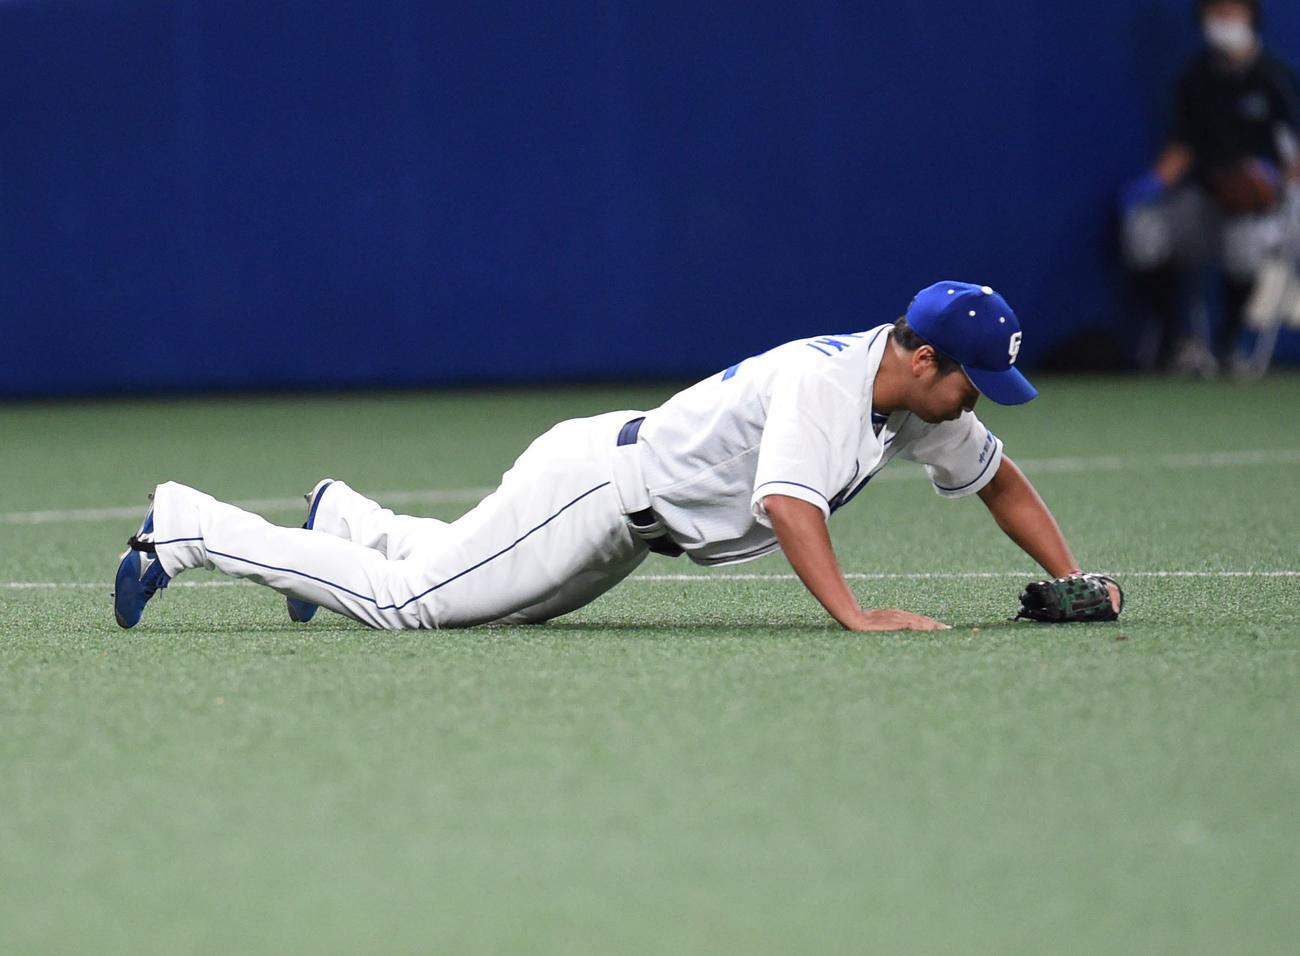 中日対DeNA 8回表DeNA2死満塁、宮崎敏郎の打球を好捕する石垣雅海(撮影・森本幸一)